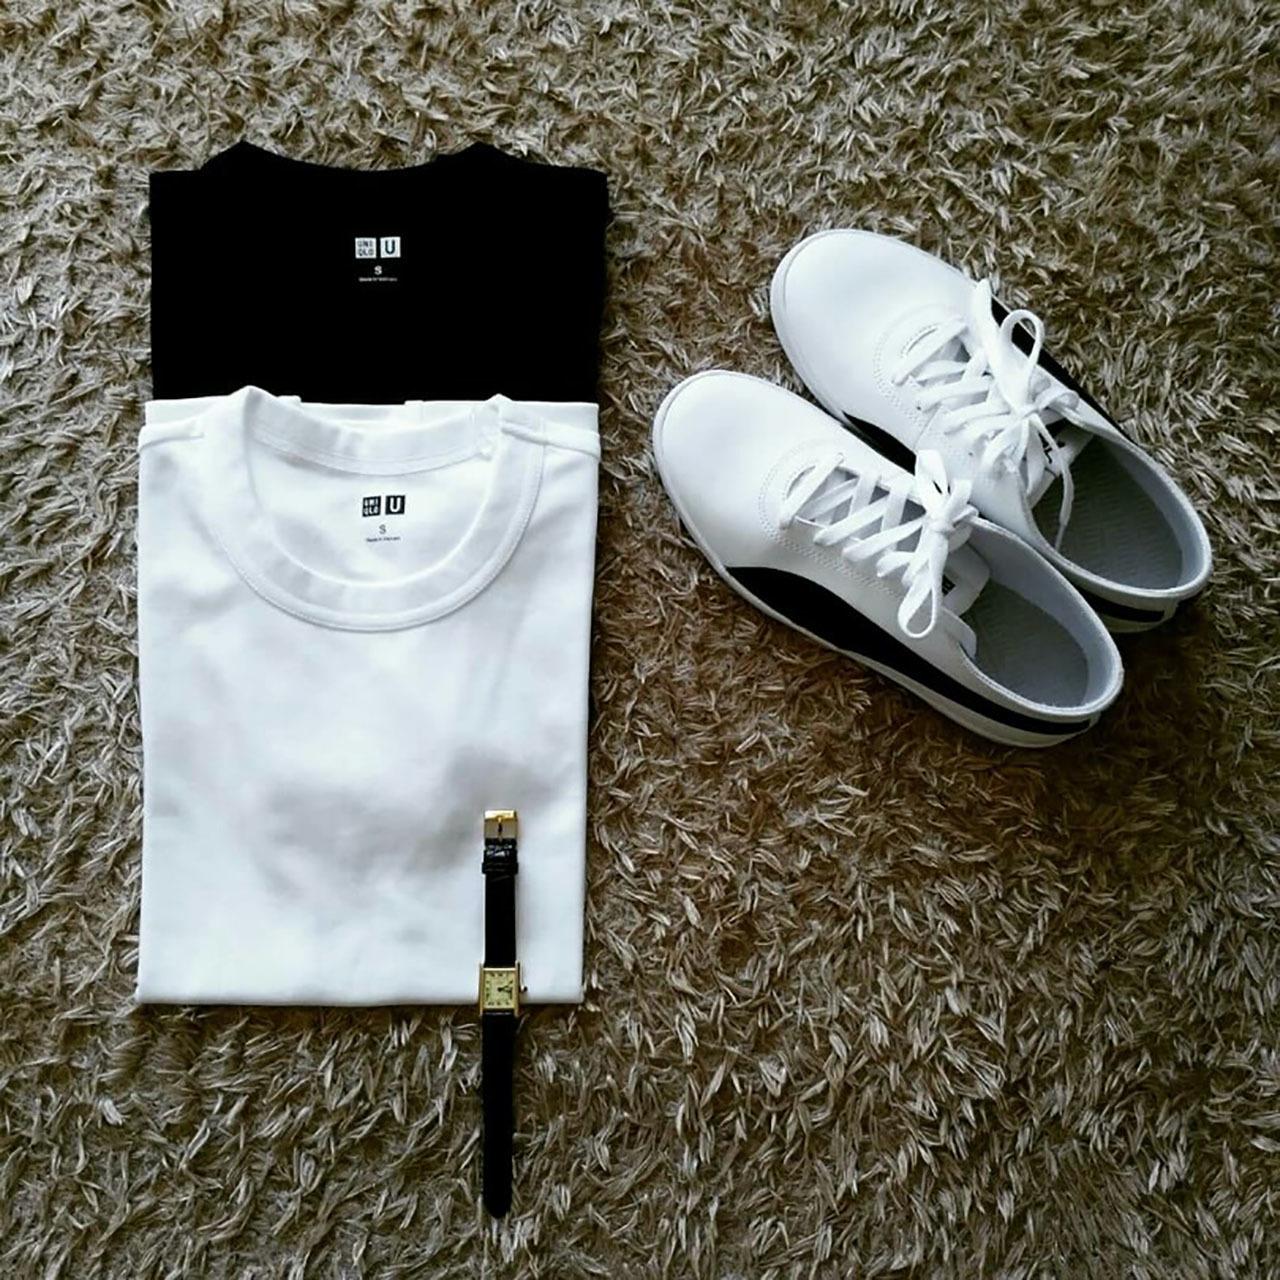 『ユニクロ ユー』のクルーネックTシャツ